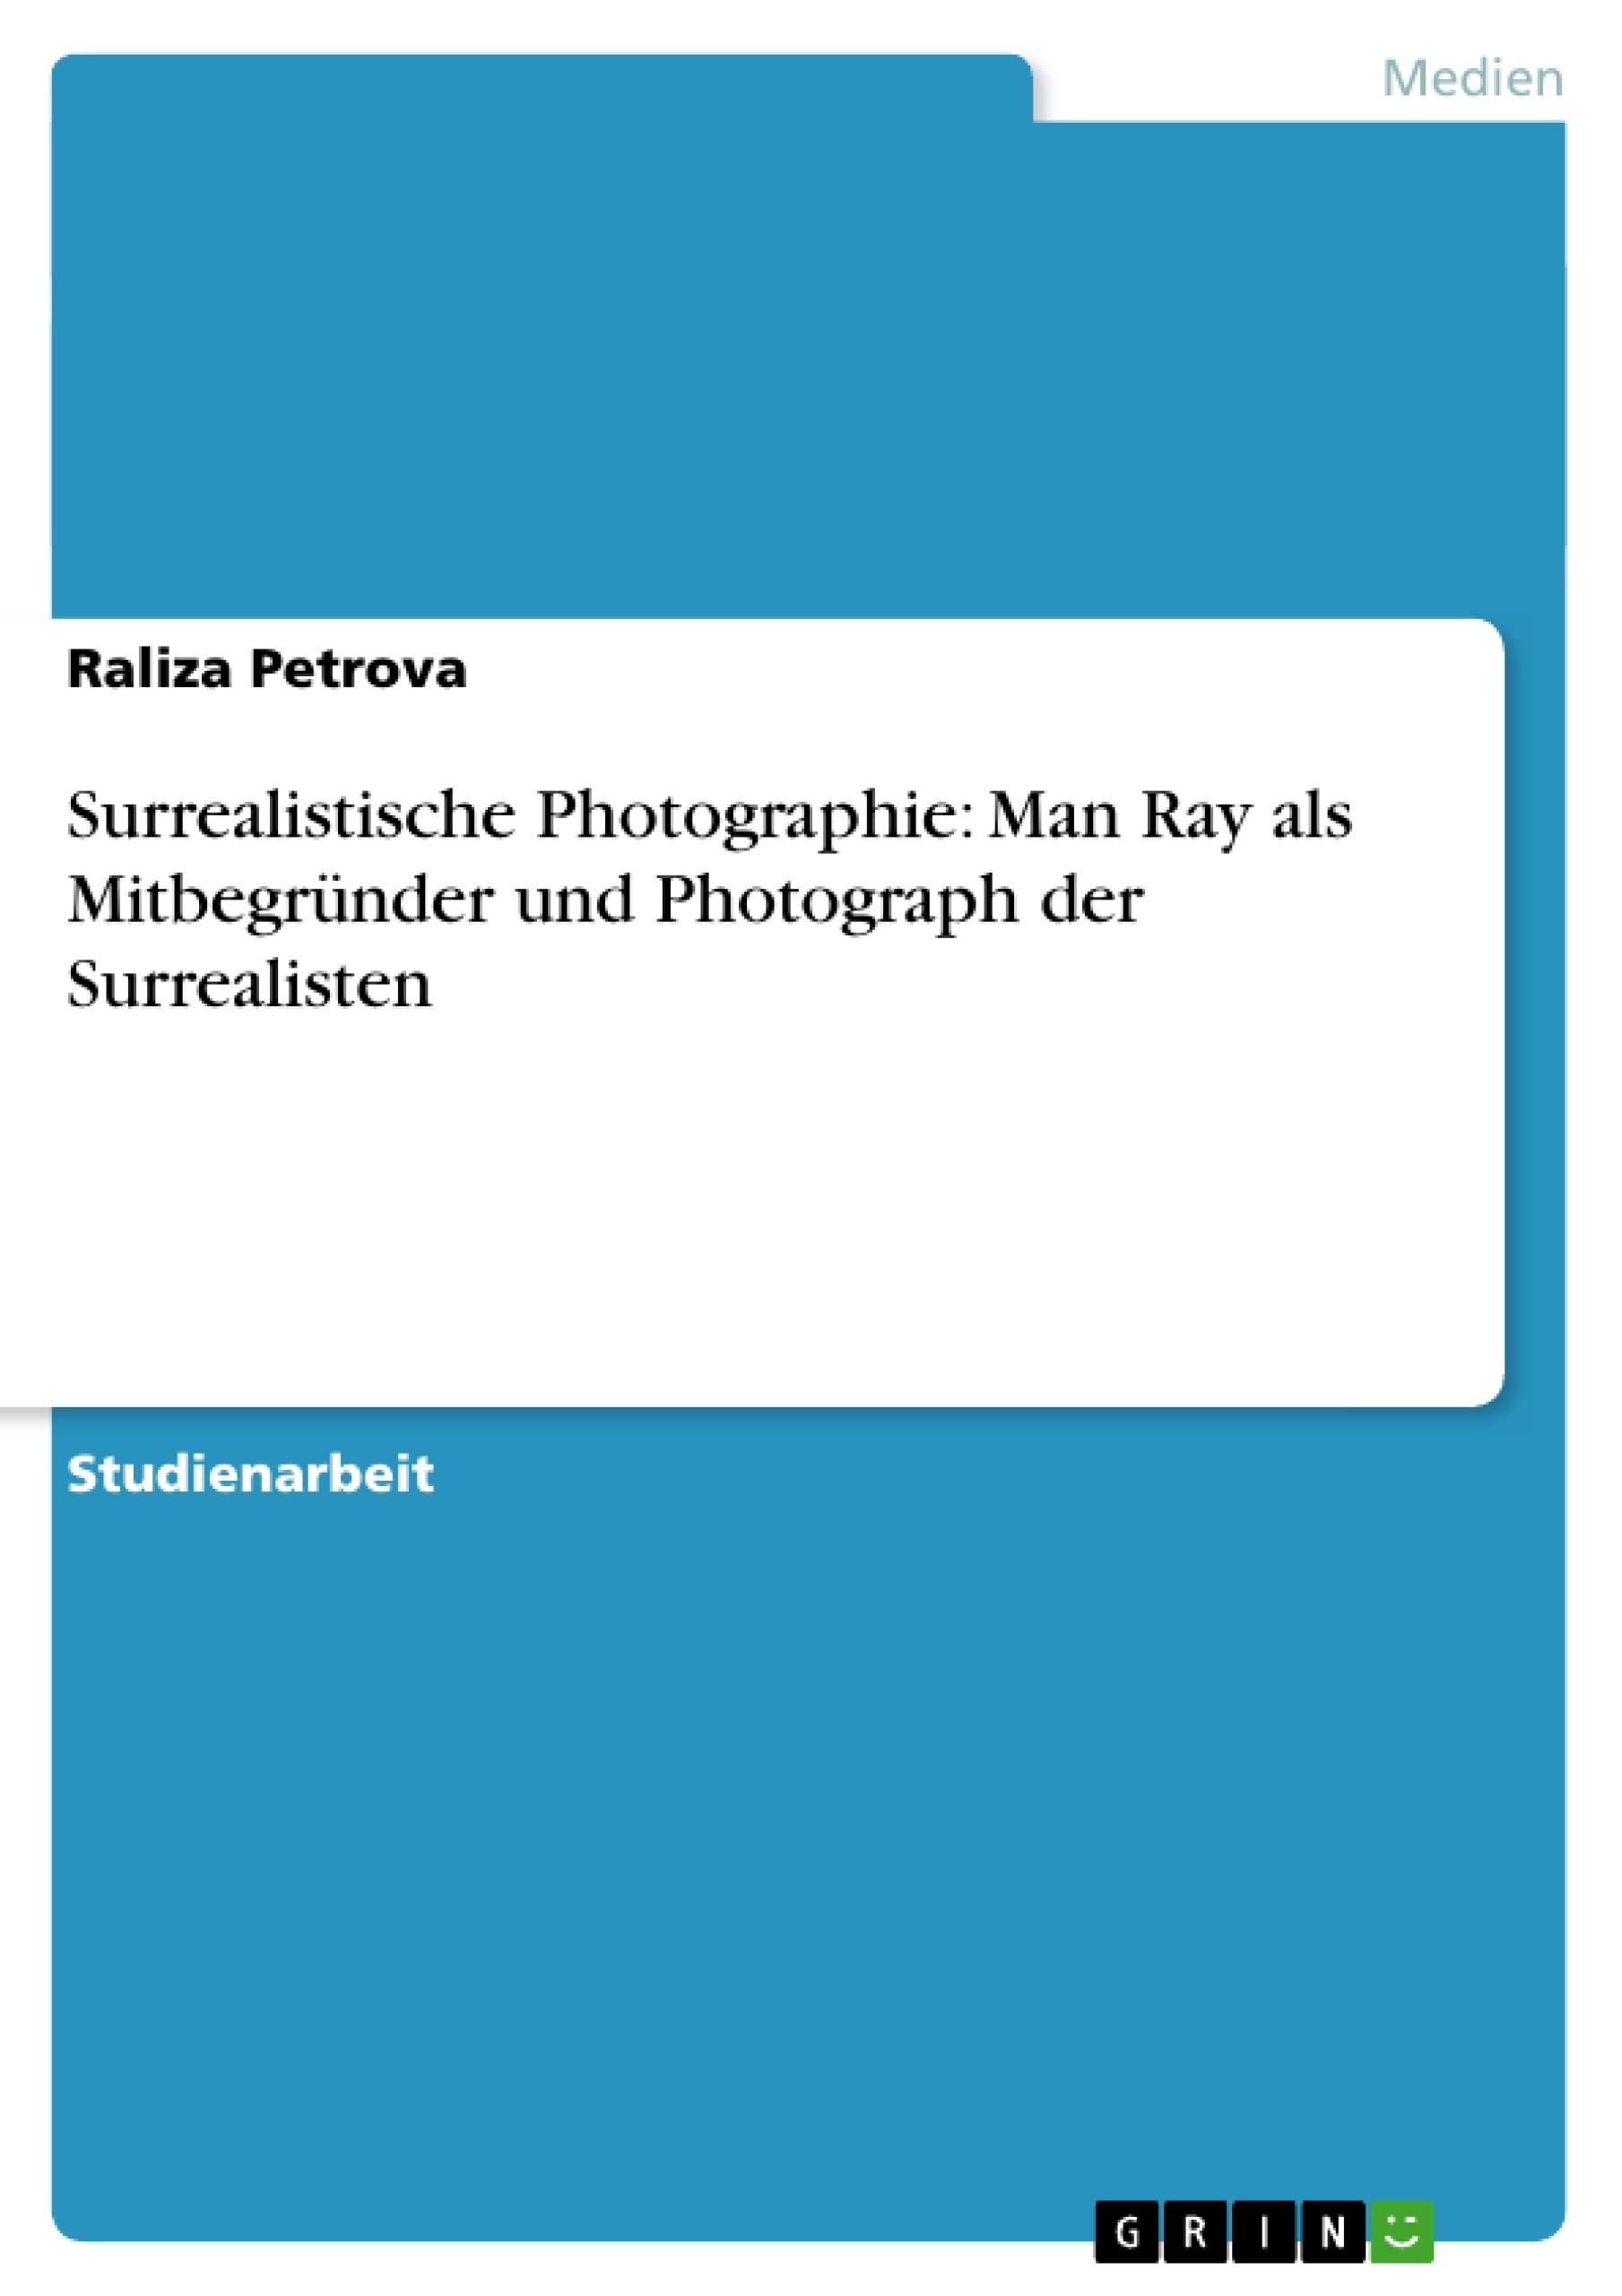 Titel: Surrealistische Photographie: Man Ray als Mitbegründer und Photograph der Surrealisten